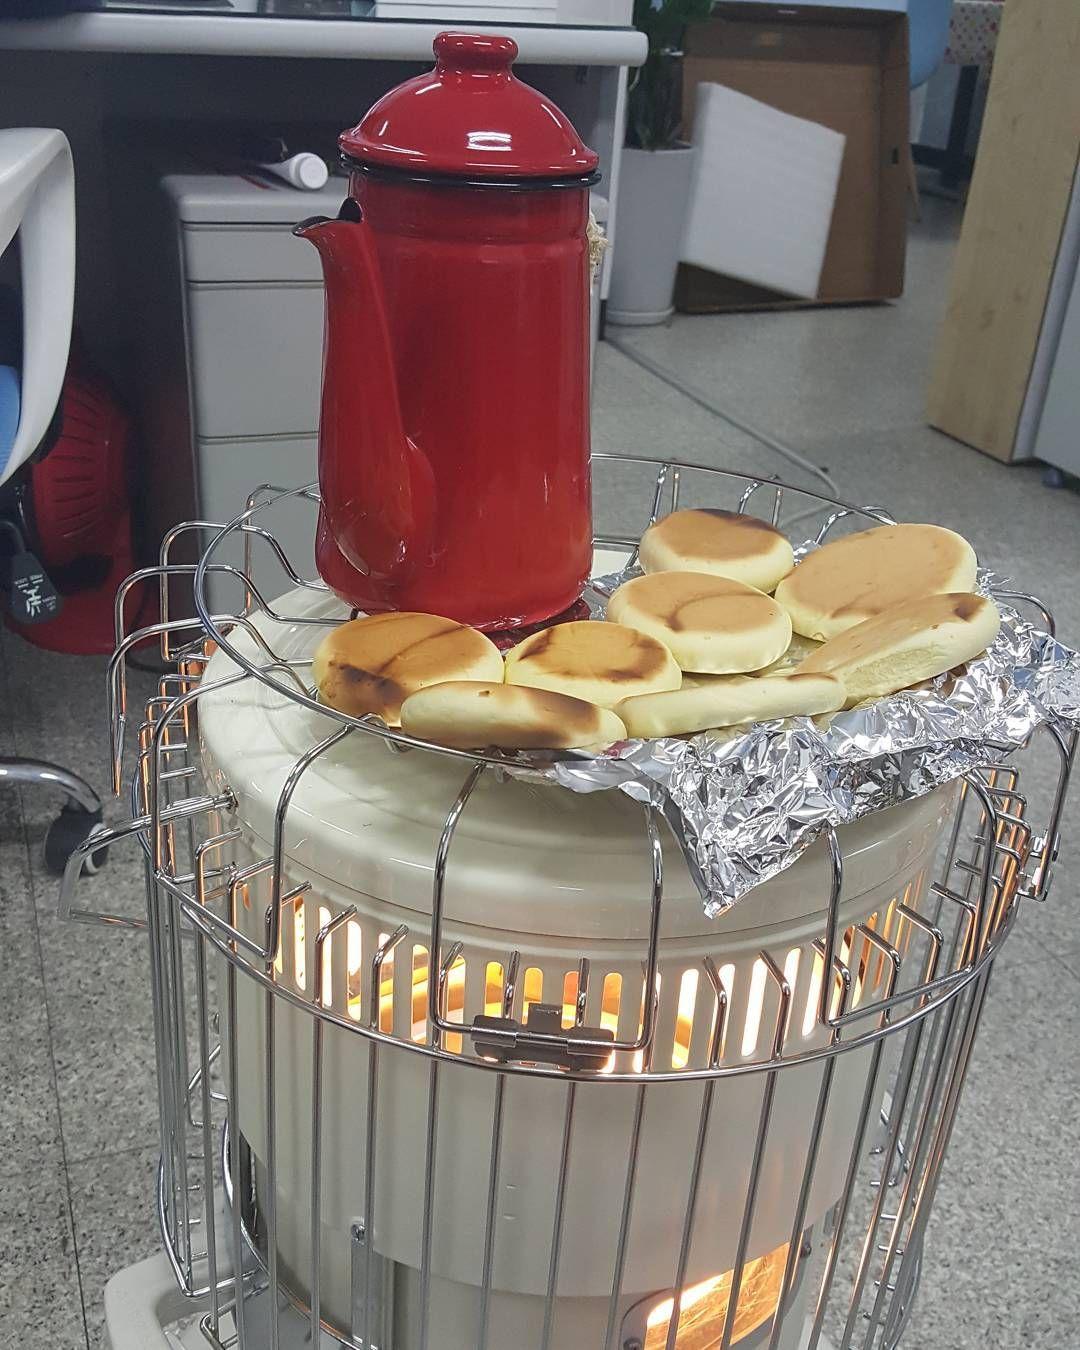 난로엔 역시 몬가 구워먹어야 ㅎㅎㅎ Design デザイン Plusline 플러스라인 디자인회사 디자인 공기청정기 미니머리즘 이모팬 Emofan 제품개발 아이디어 아이디어제품 Fan 에어팬 3d프린터 3dprinting Canning Trash Can